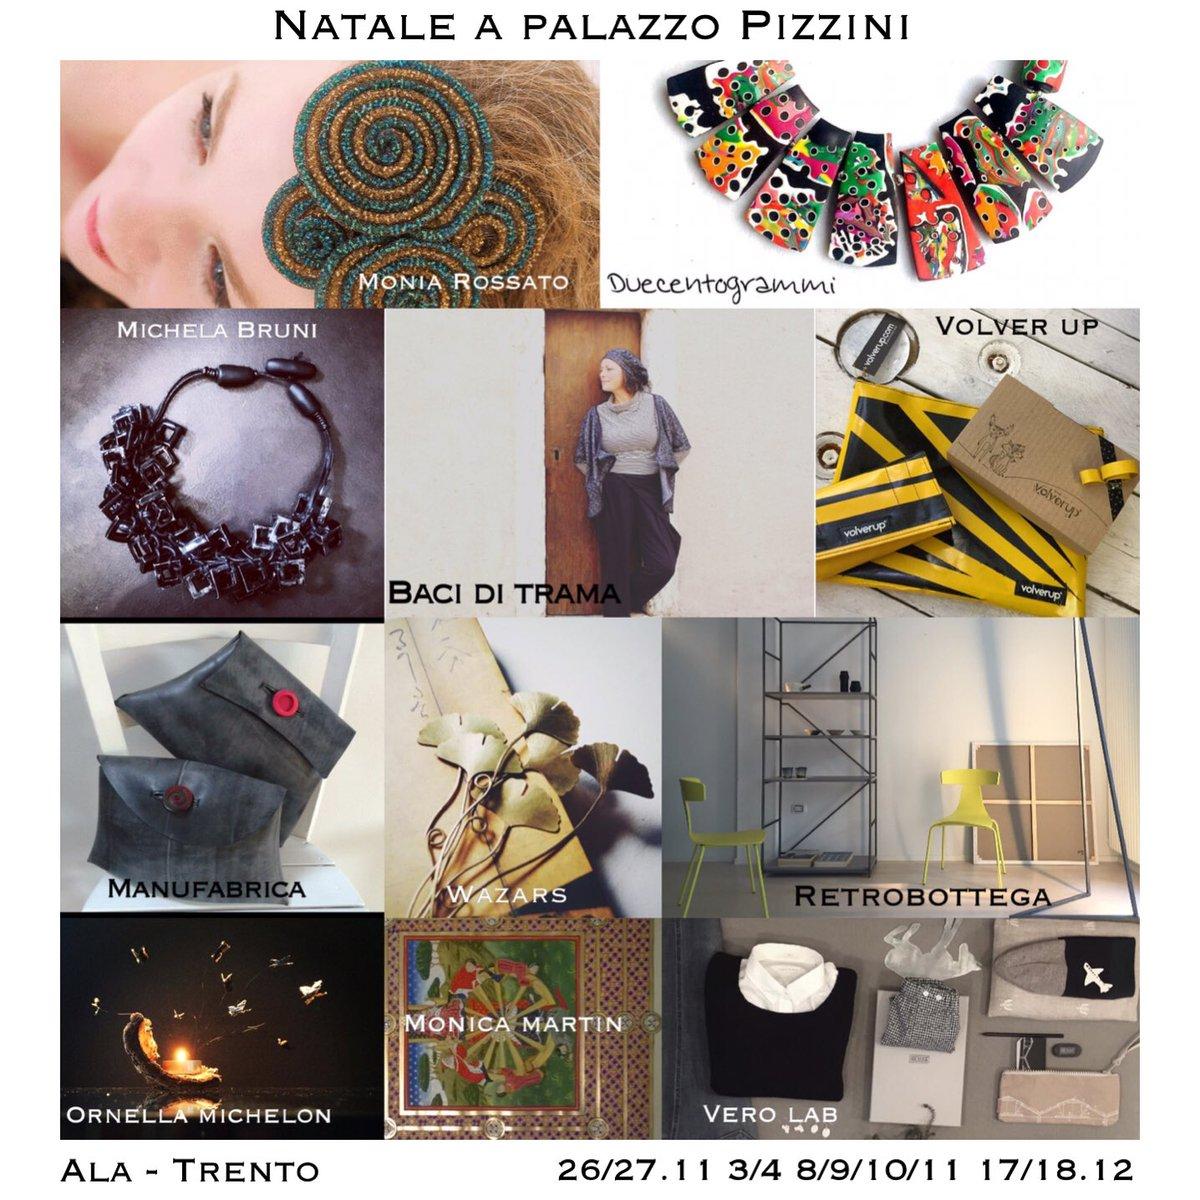 Excepcional 3 Imagen De Trama Collage Imagen - Ideas Personalizadas ...